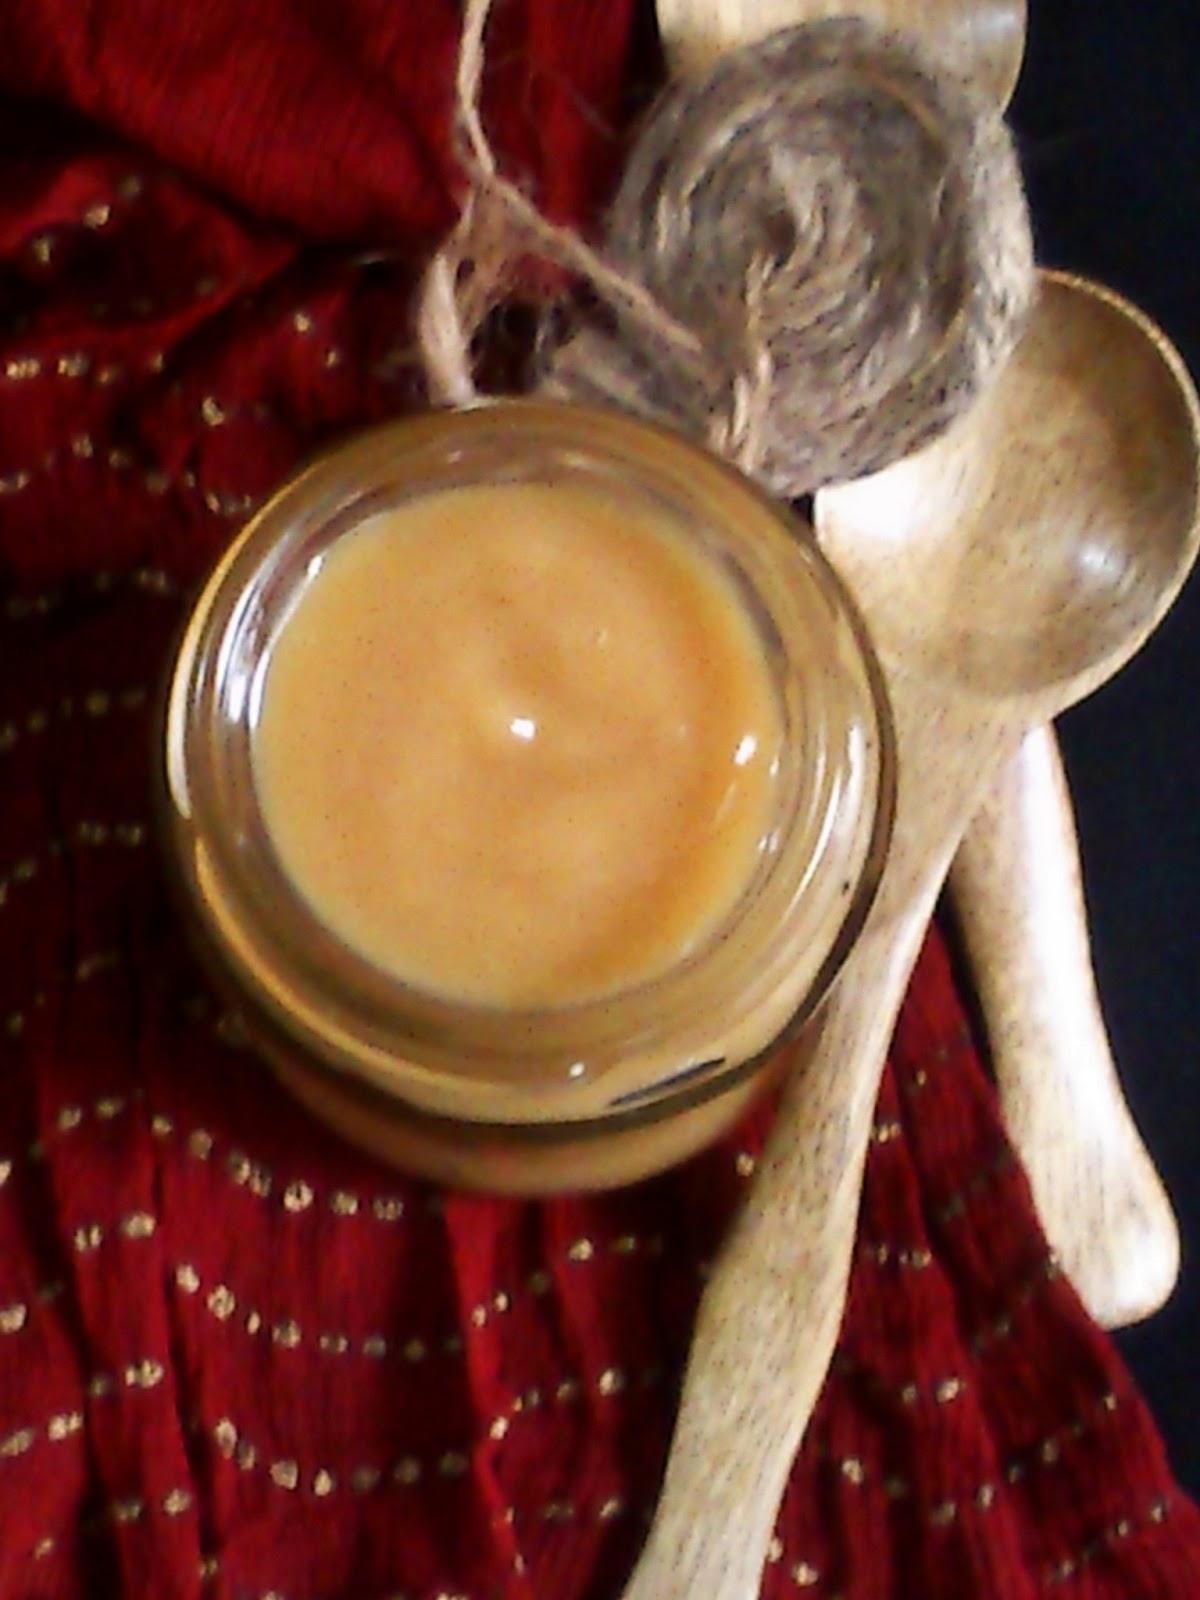 de leche macarons dulce de leche mousse dulce de leche coffee dulce de ...